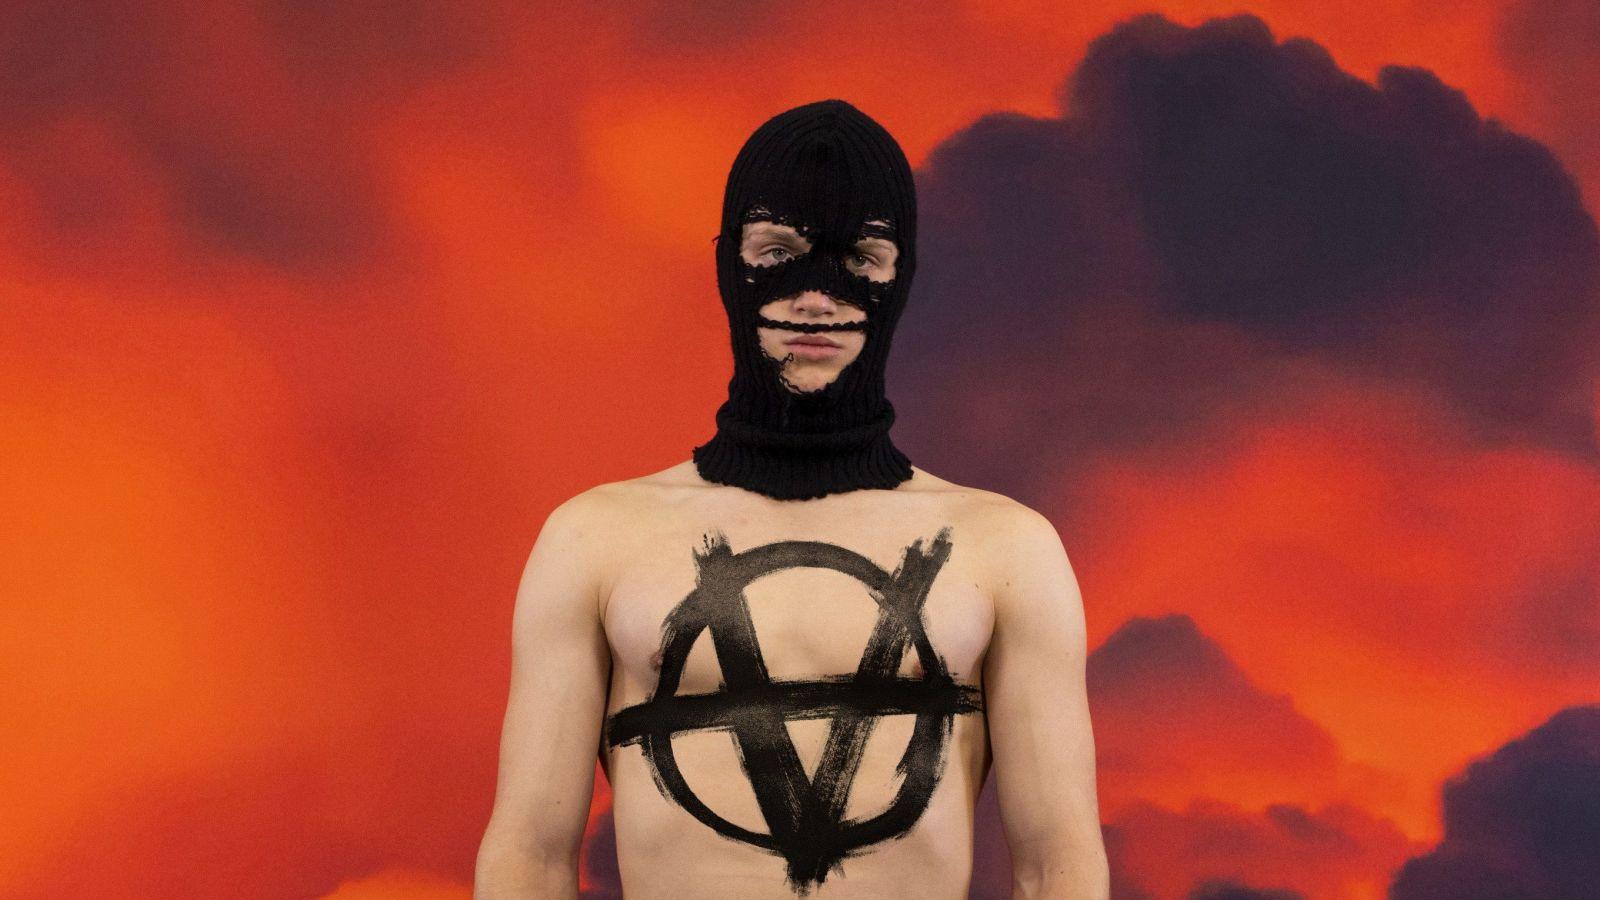 Súčasná móda nemá žiadne limity a nová kolekcia Vetements búra všetky stereotypy našej spoločnosti